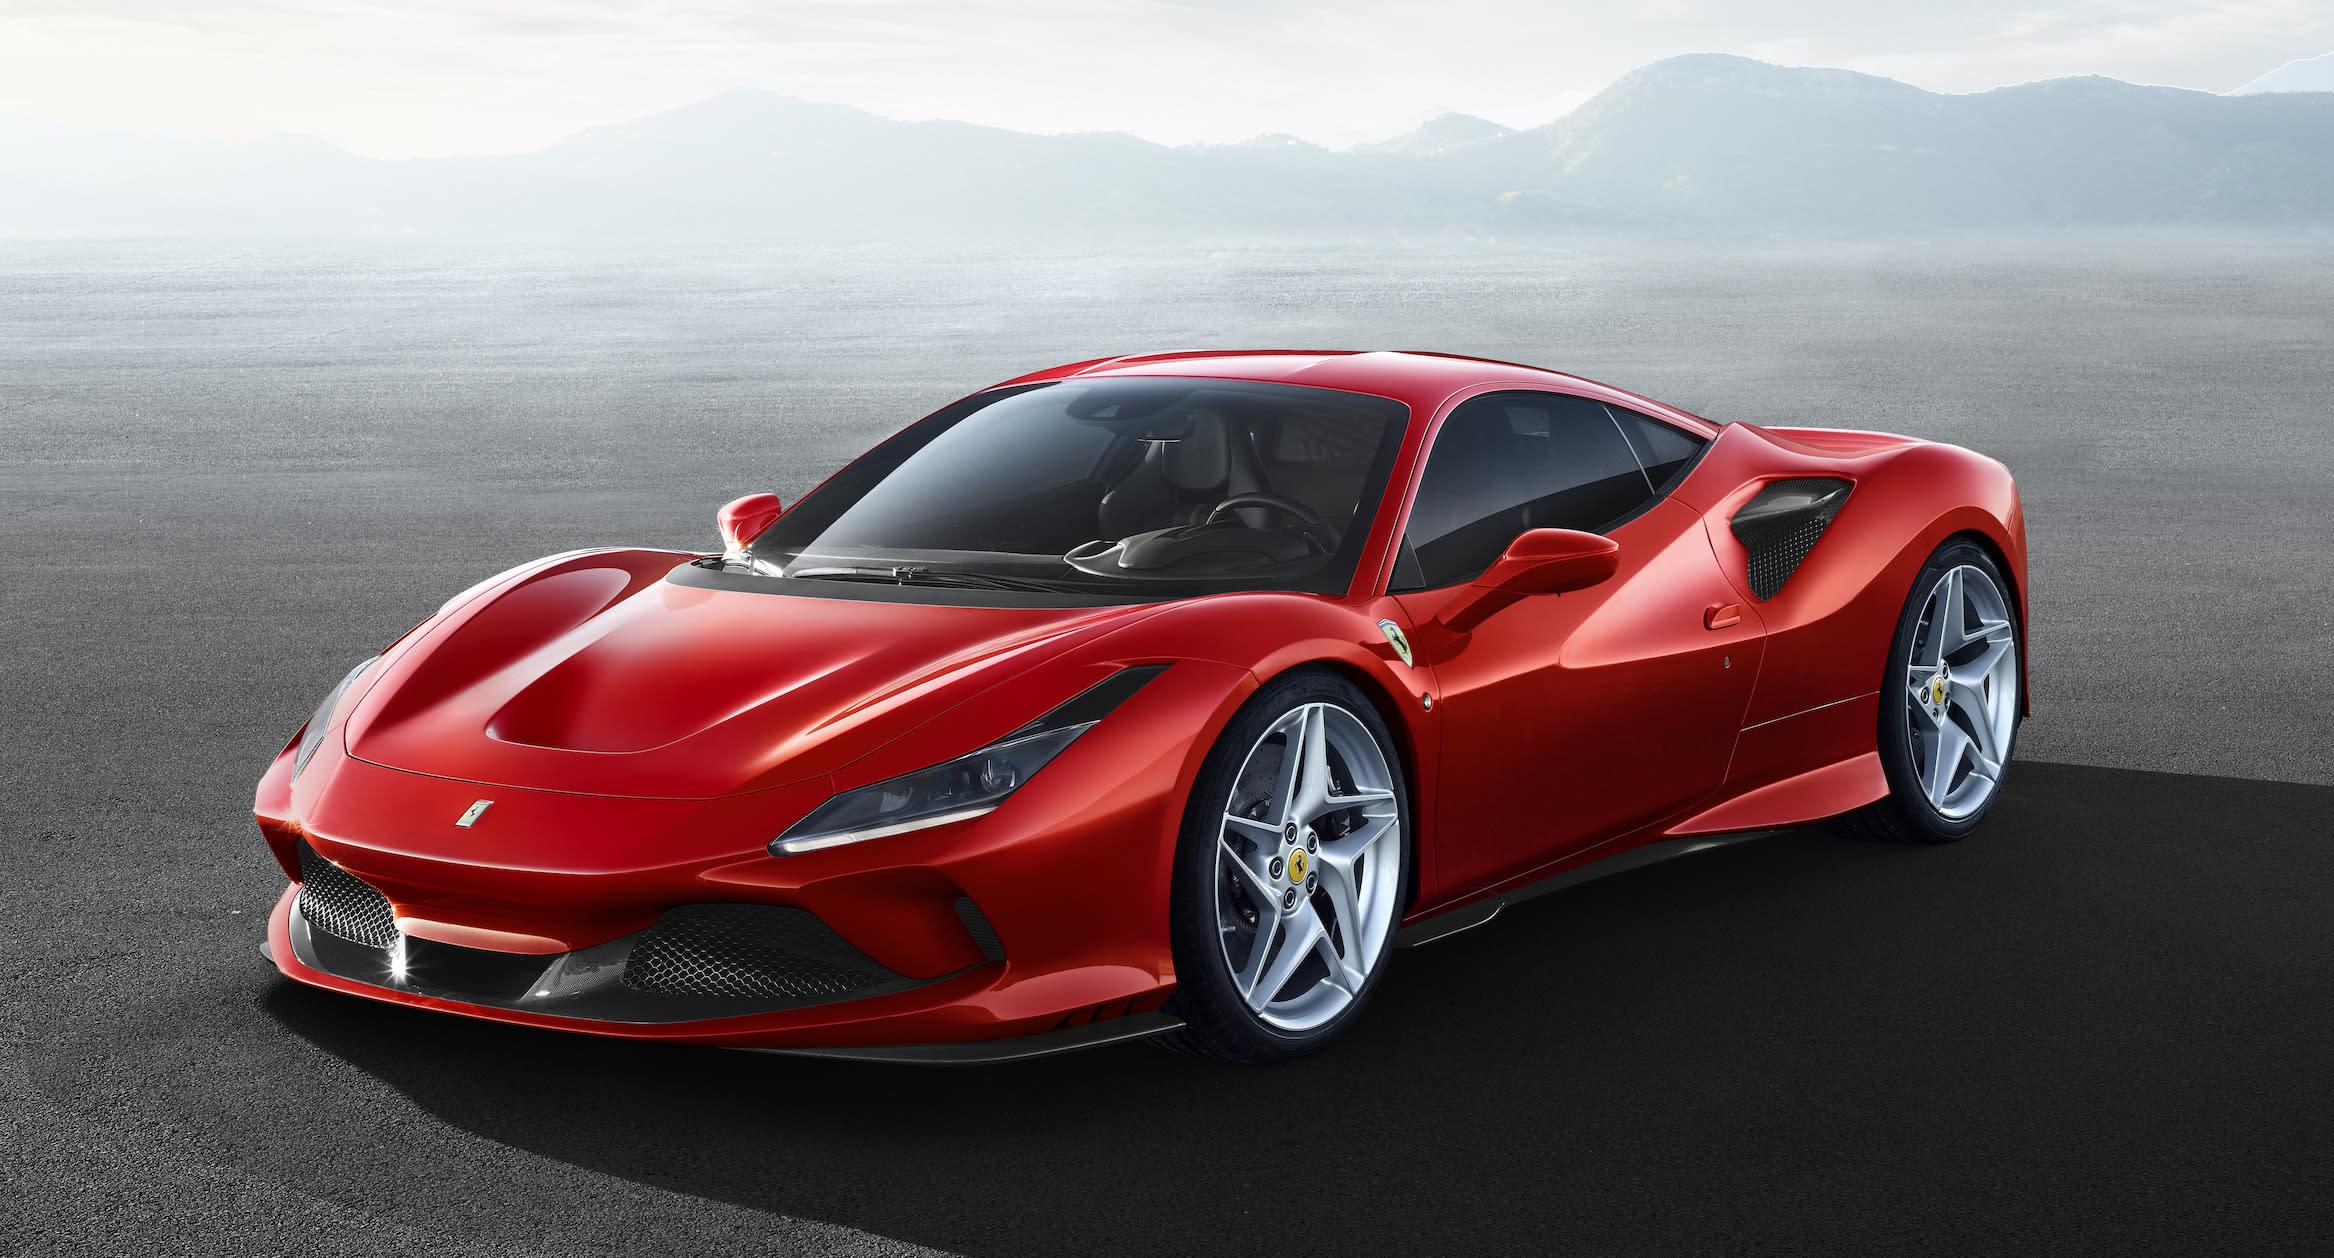 Ferrari S New F8 Tributo Isn T Just Insanely Fast It Key To Profit Growth